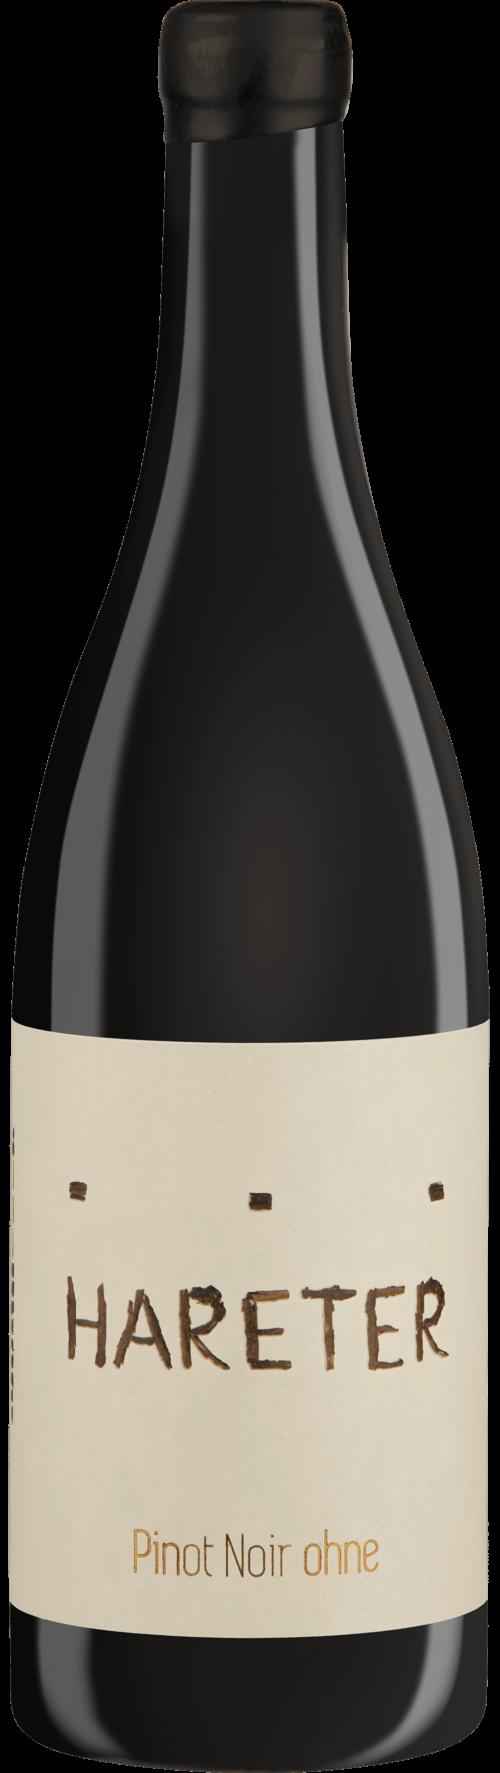 Pinot Noir Ohne - Naturwein